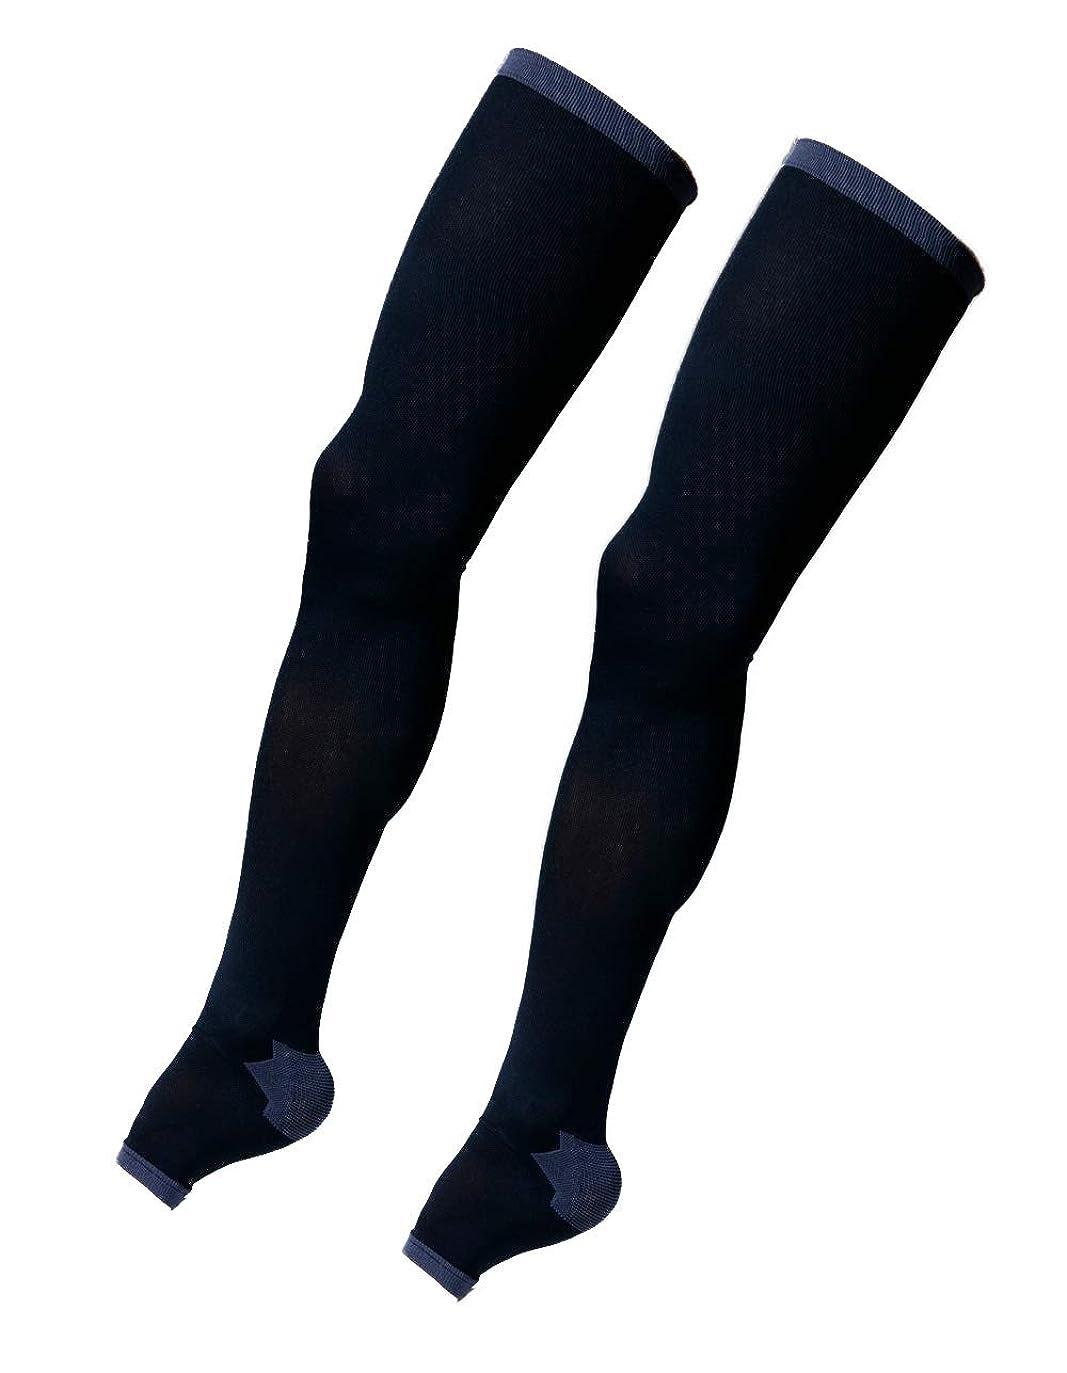 ひそかに相互ガード男性専用脚すっきり対策オープントゥ着圧ソックス 膝上 LONG M-L 順天堂大学客員教授推奨